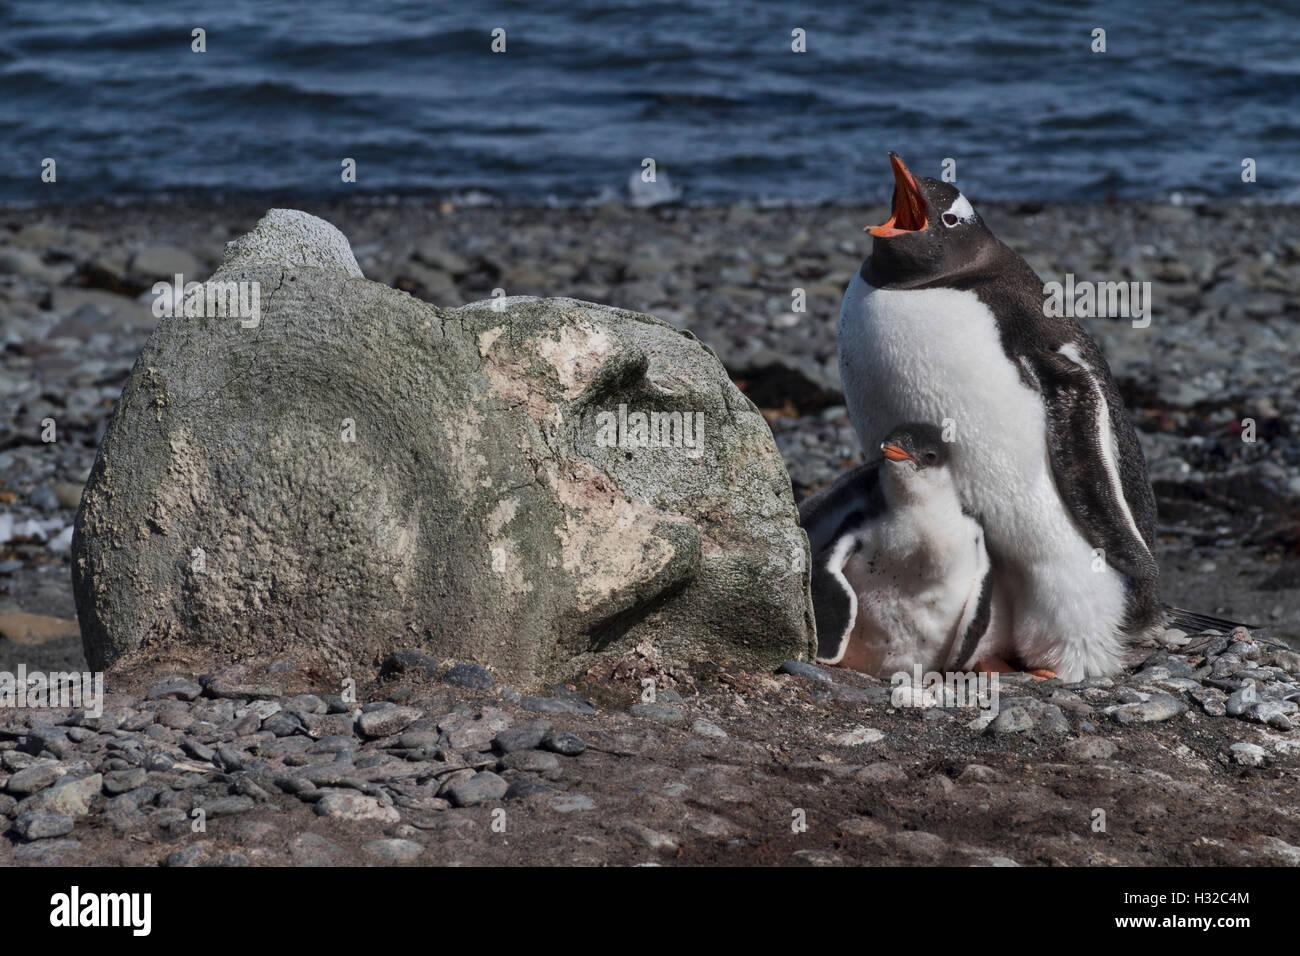 Gentoo Penguin nesting in shelter of whale vertebra - Stock Image